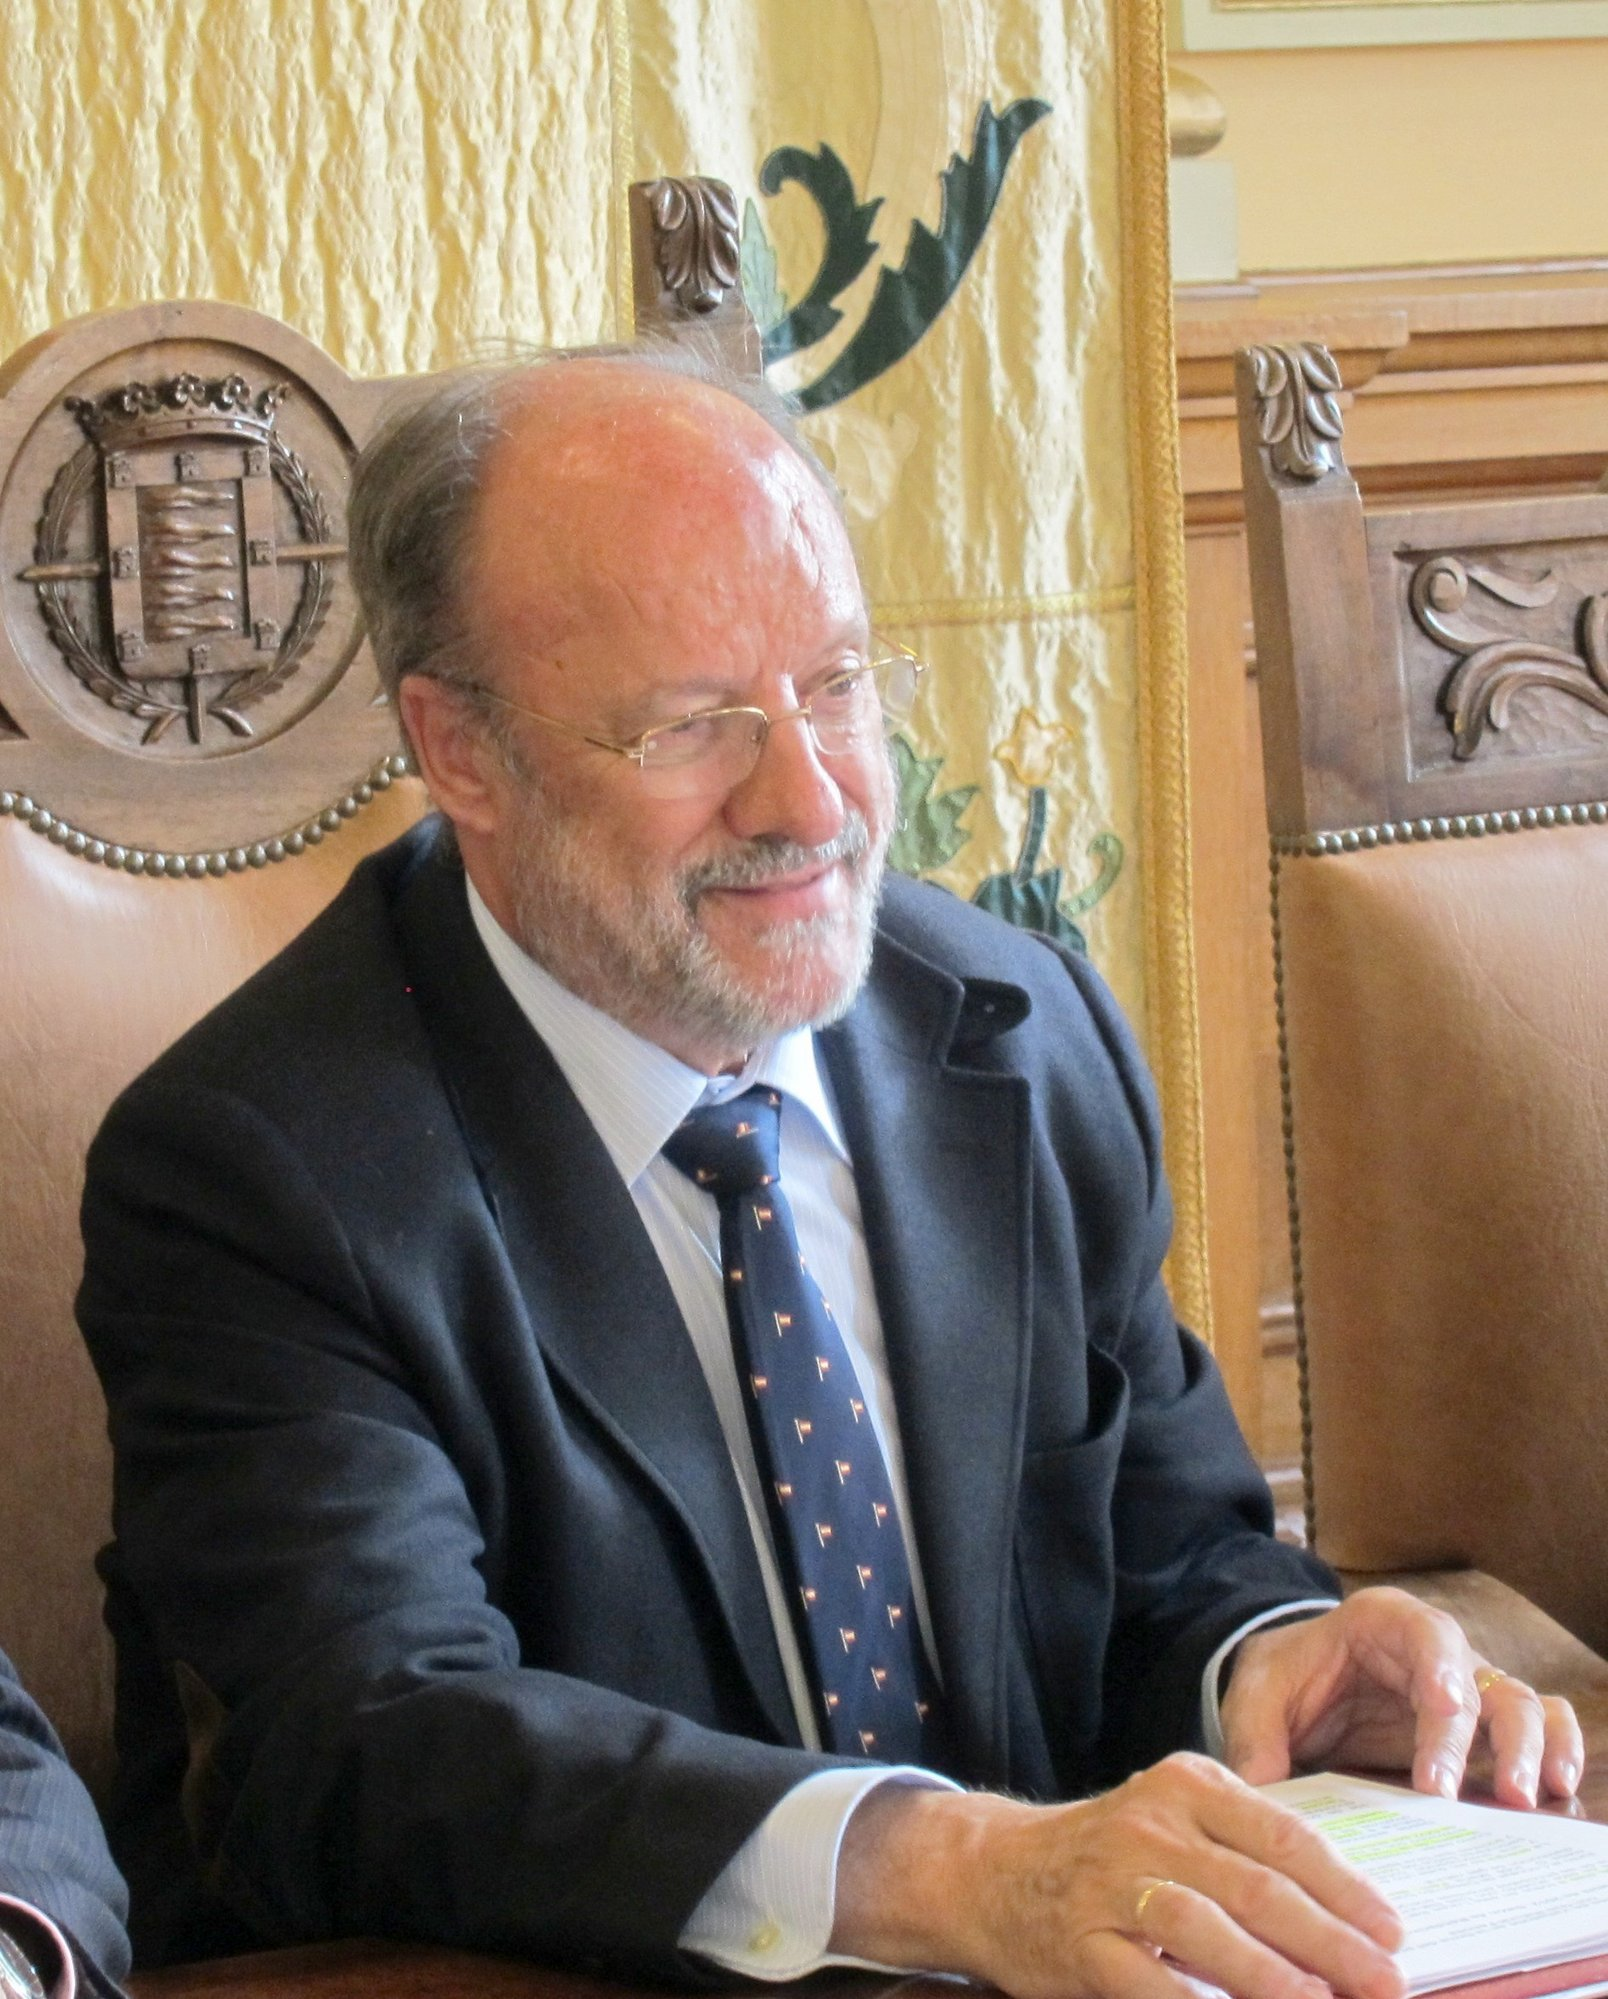 De la Riva no ha representado al Ayuntamiento de Valladolid «en ningún banco» ni cobra dietas por plenos o comisiones